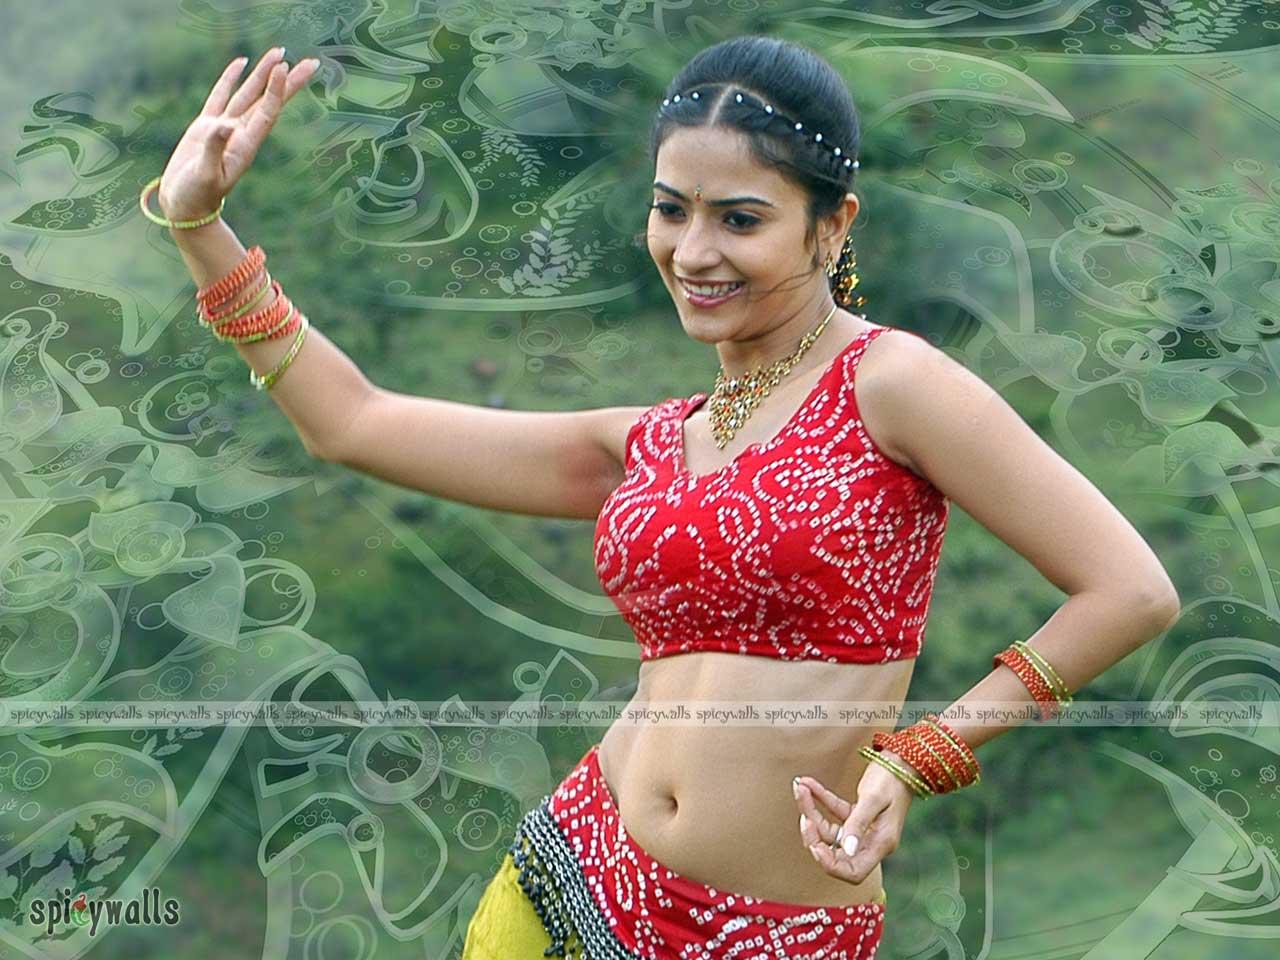 New Hot Photos: Aditi Sharma Hot